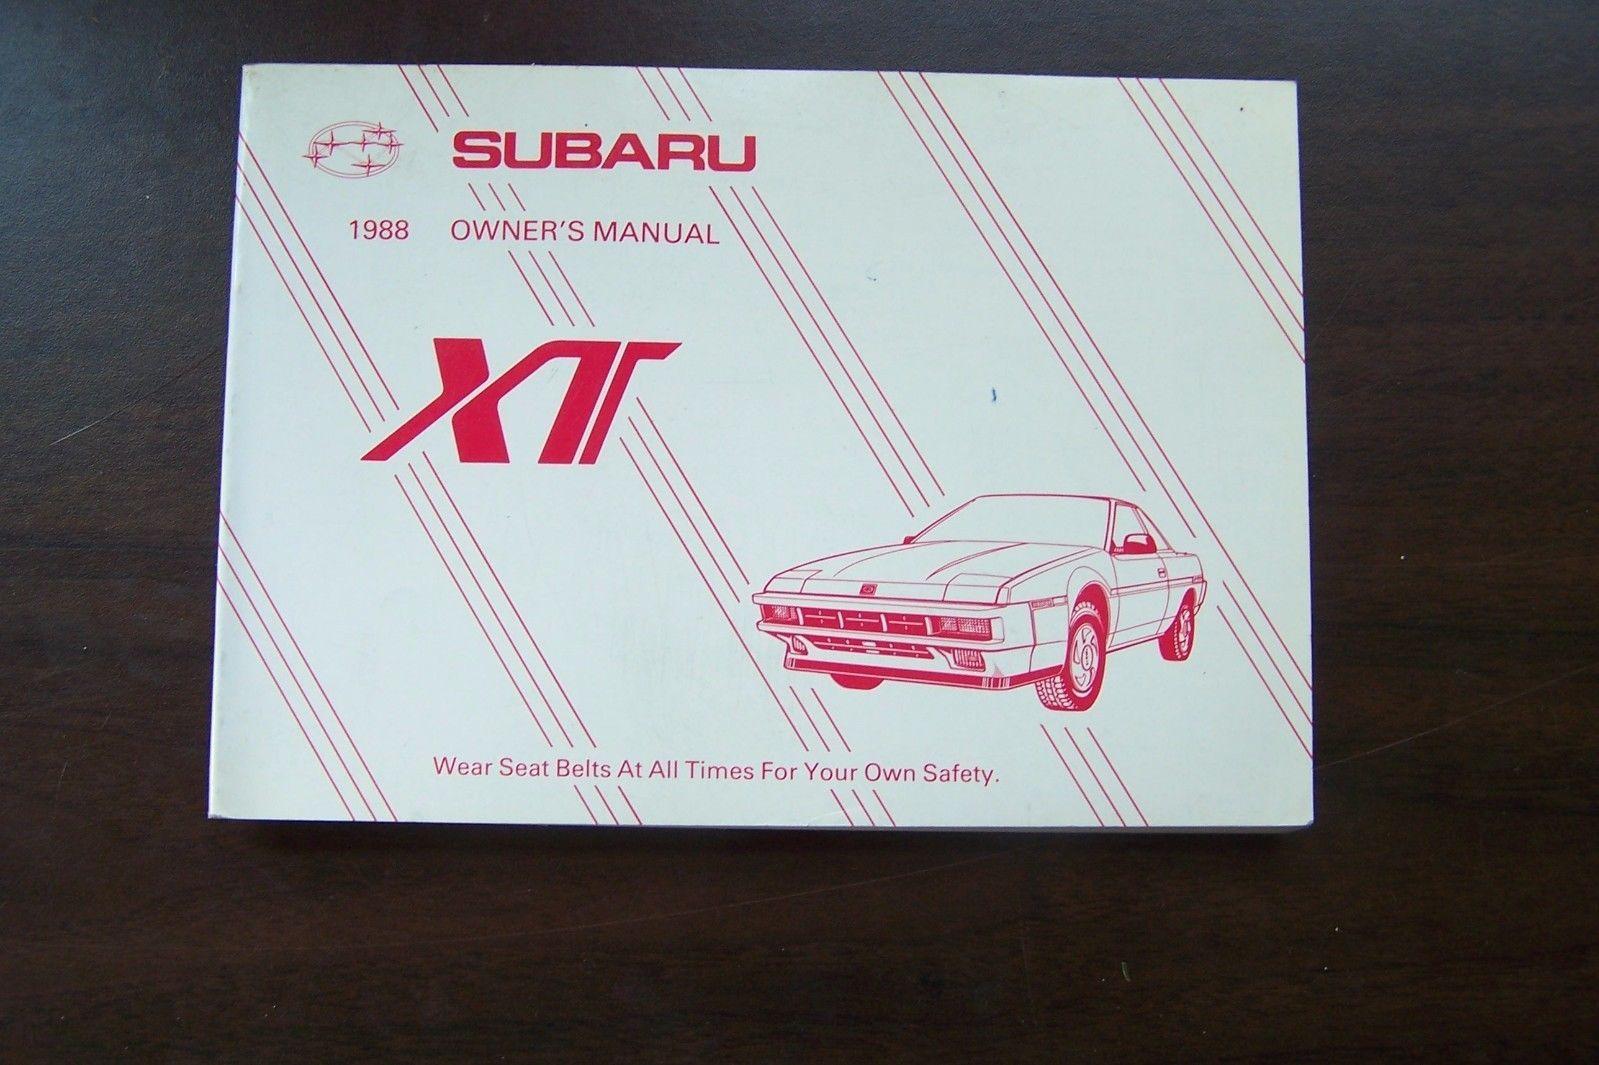 1988 subaru xt owners manual new original and 11 similar items